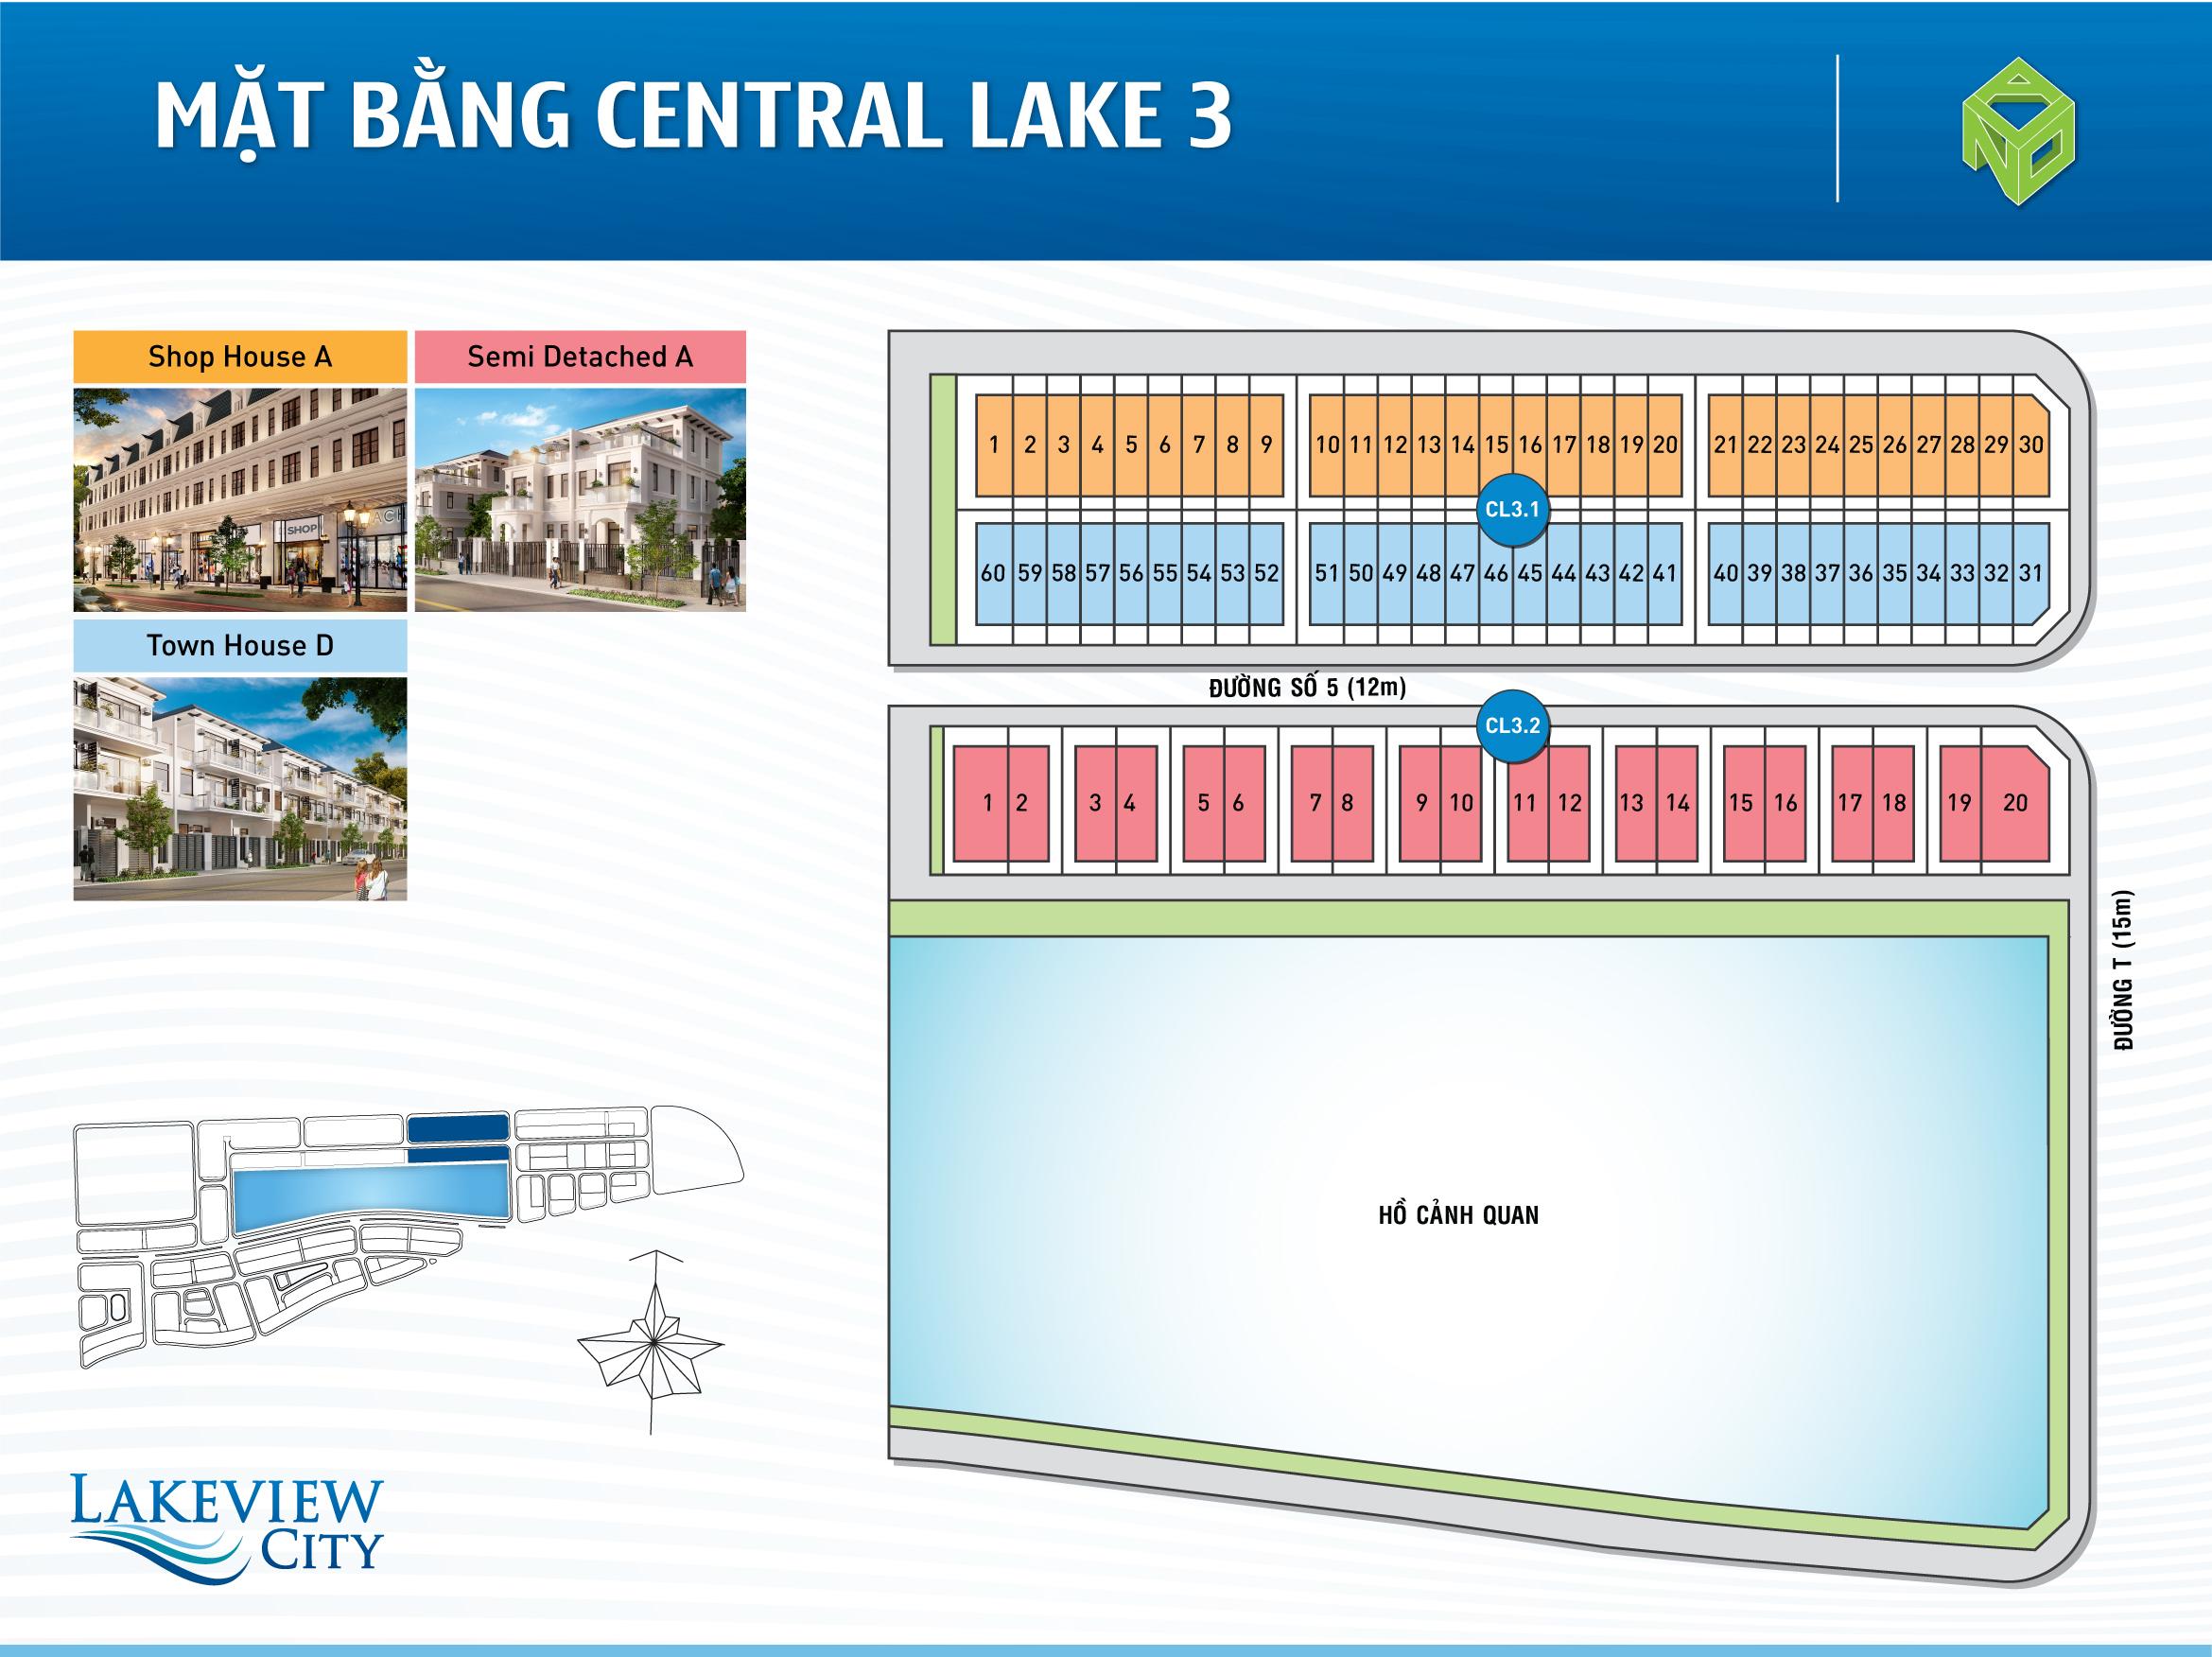 Mặt bằng Central Lake 3 dự án Lakeview City